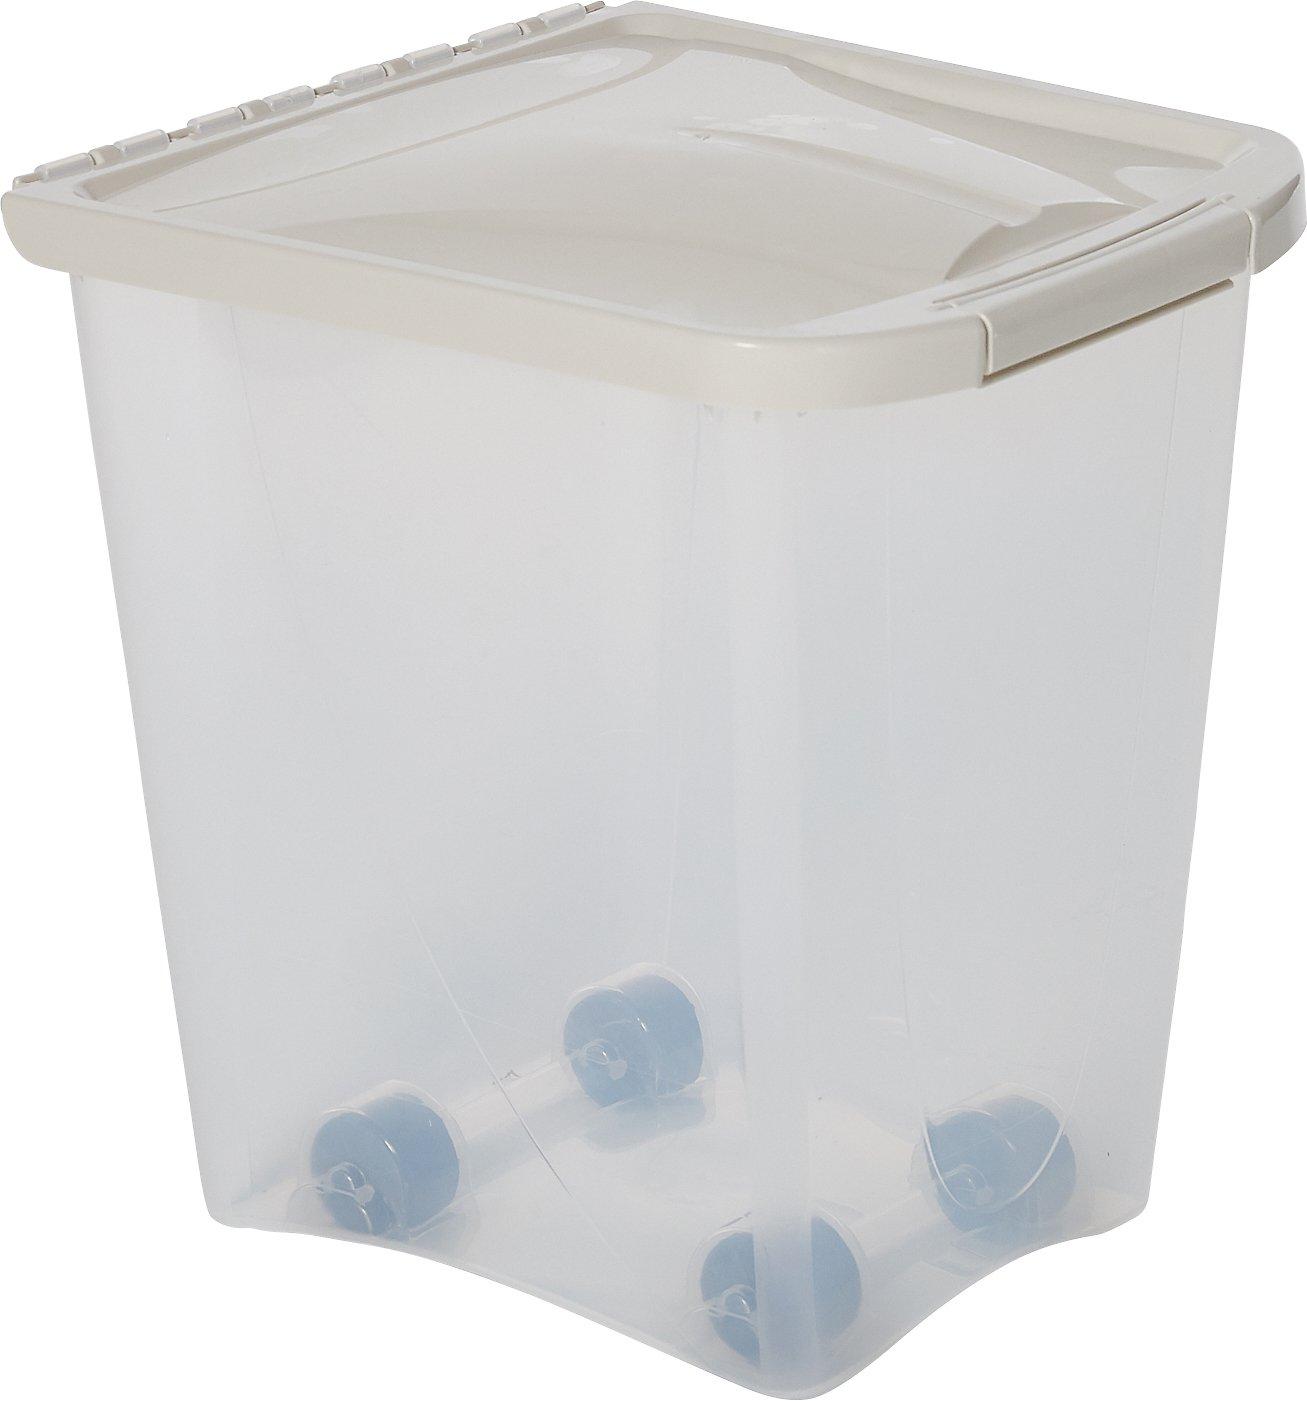 Van Ness Pet Food Storage Container Image